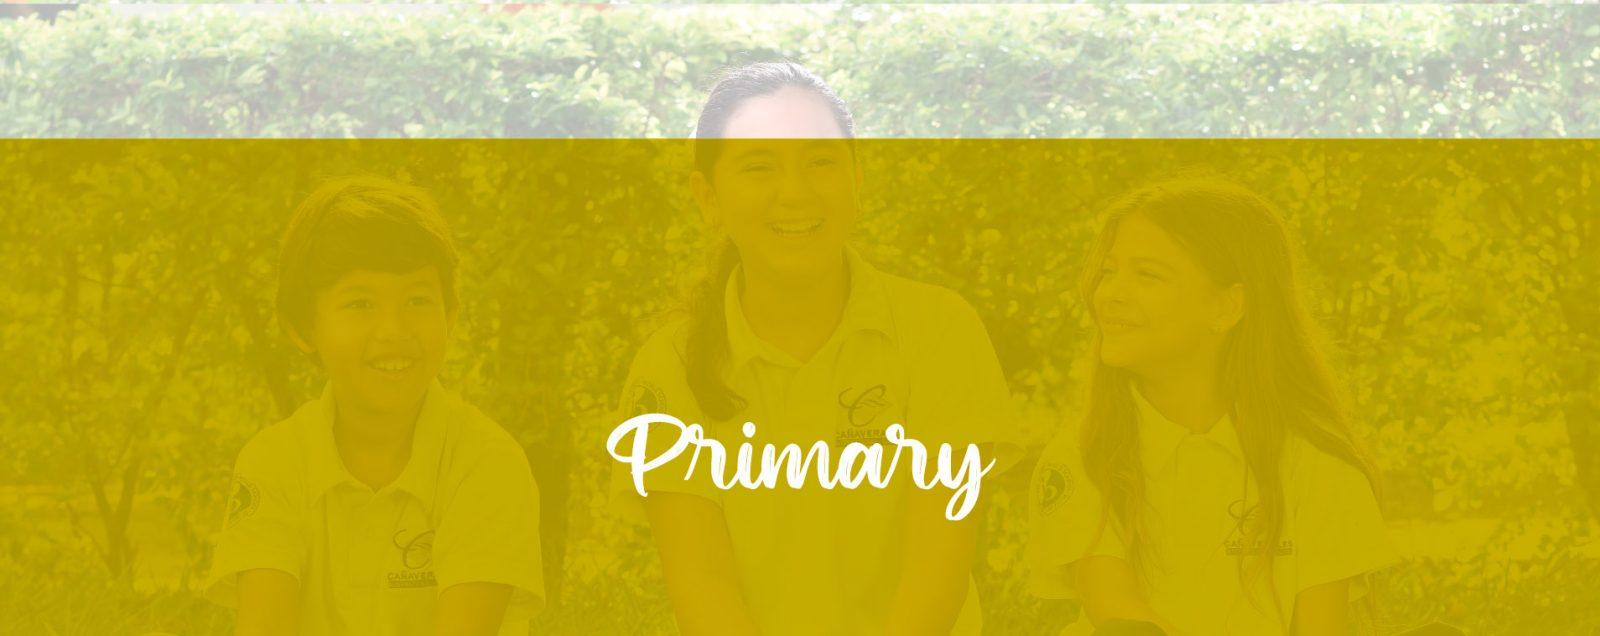 canaverales_primaryescritorio